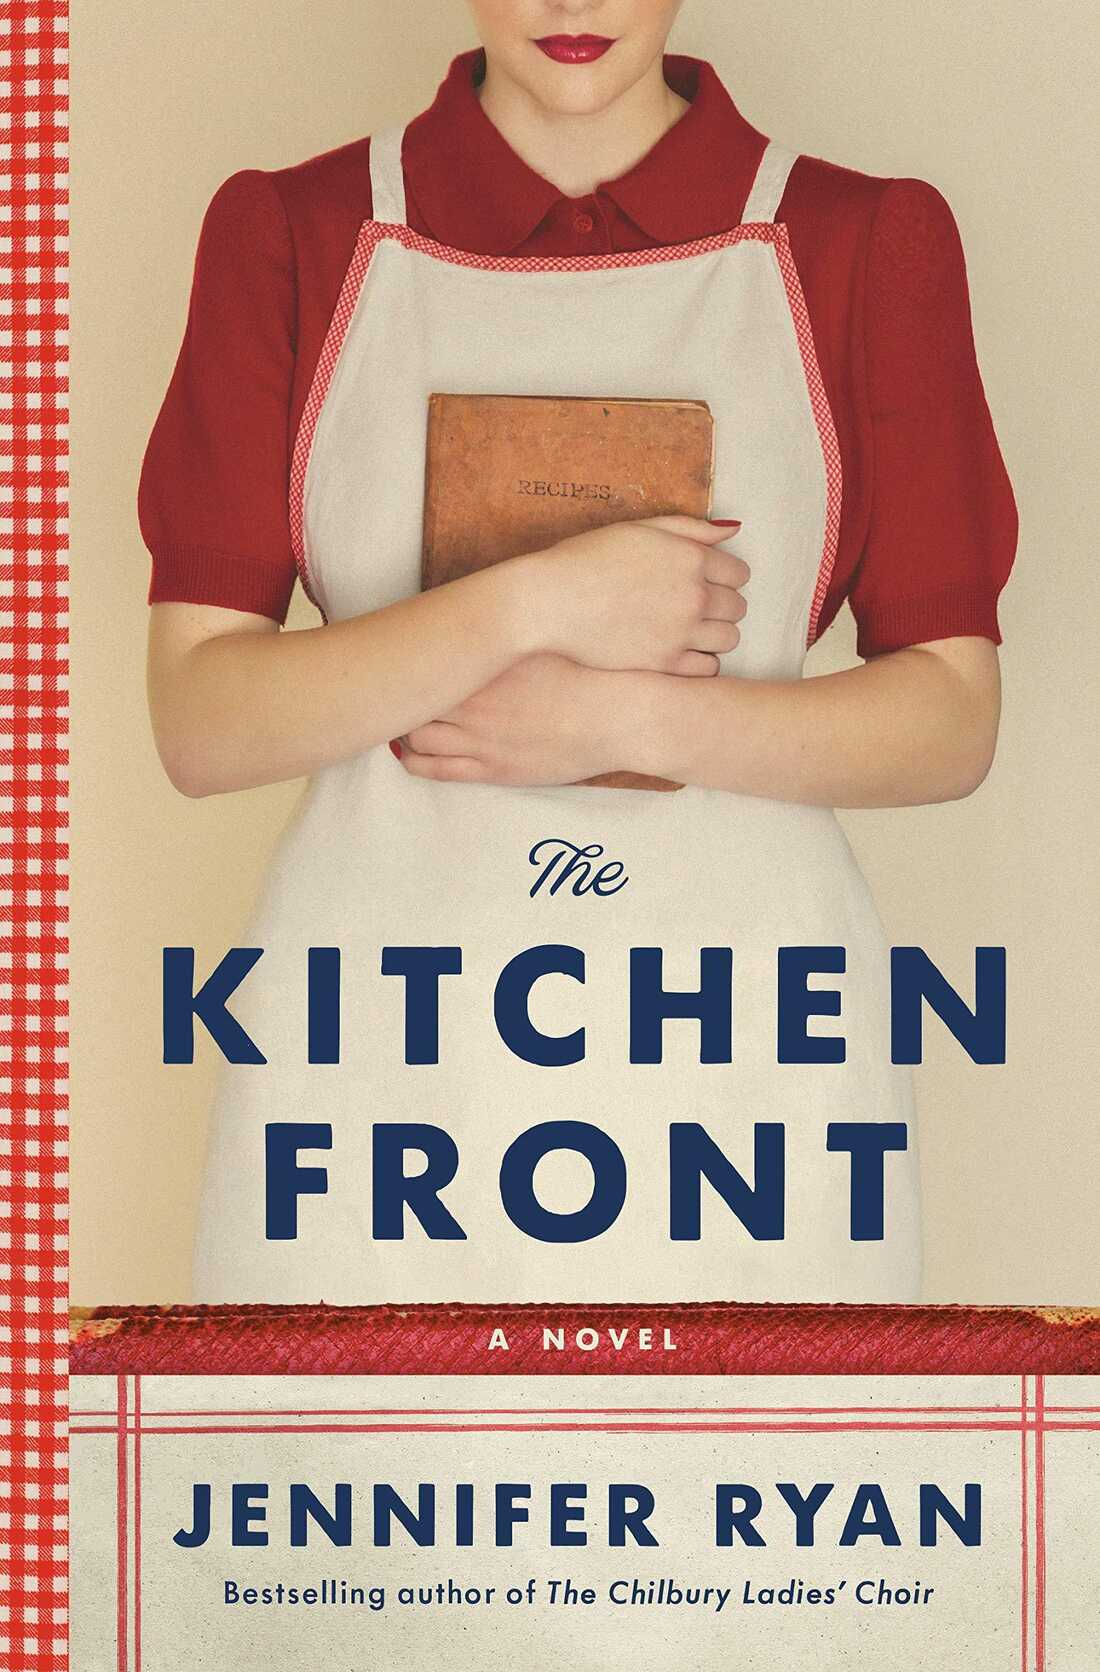 The Kitchen Front, by Jennifer Ryan